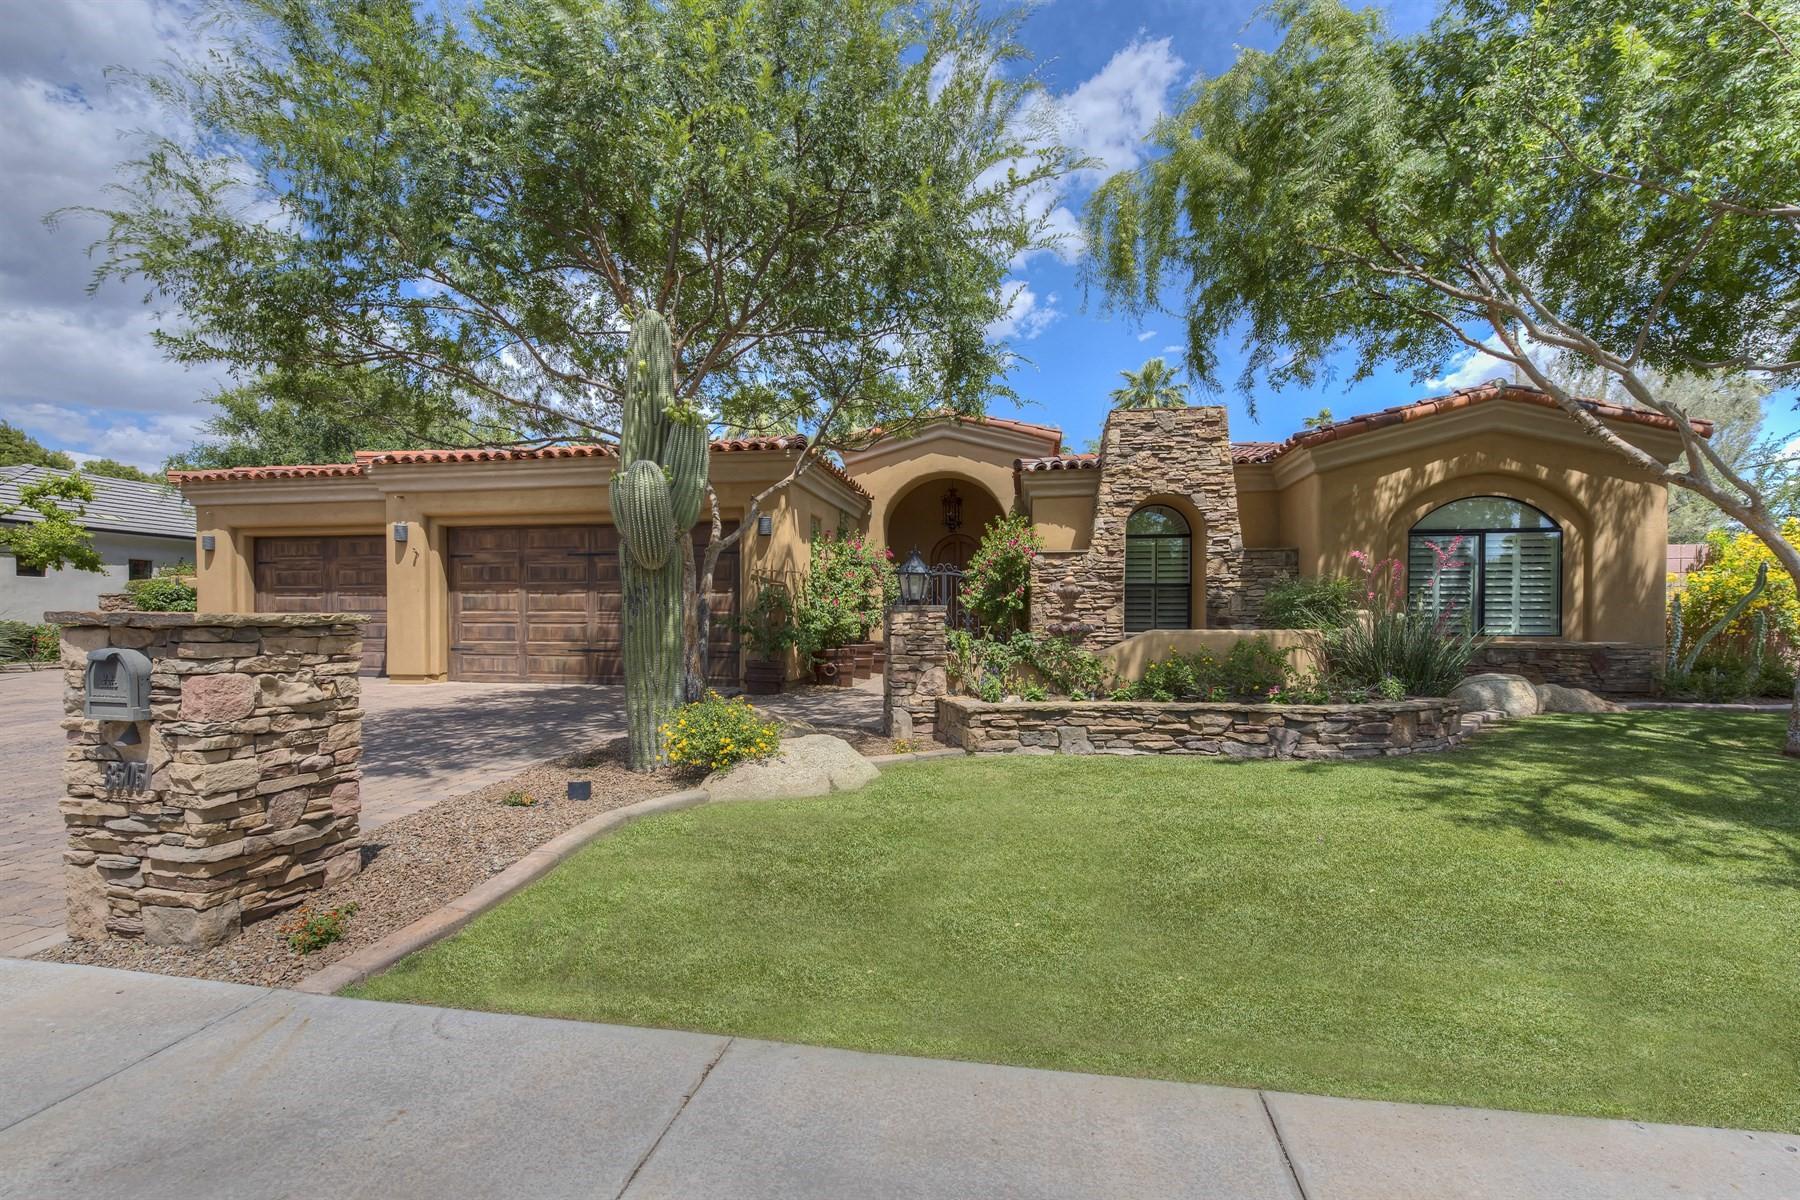 Casa Unifamiliar por un Venta en Beautiful single level home in North Central Royal Palm Area 8505 N 13th Ave Phoenix, Arizona, 85021 Estados Unidos